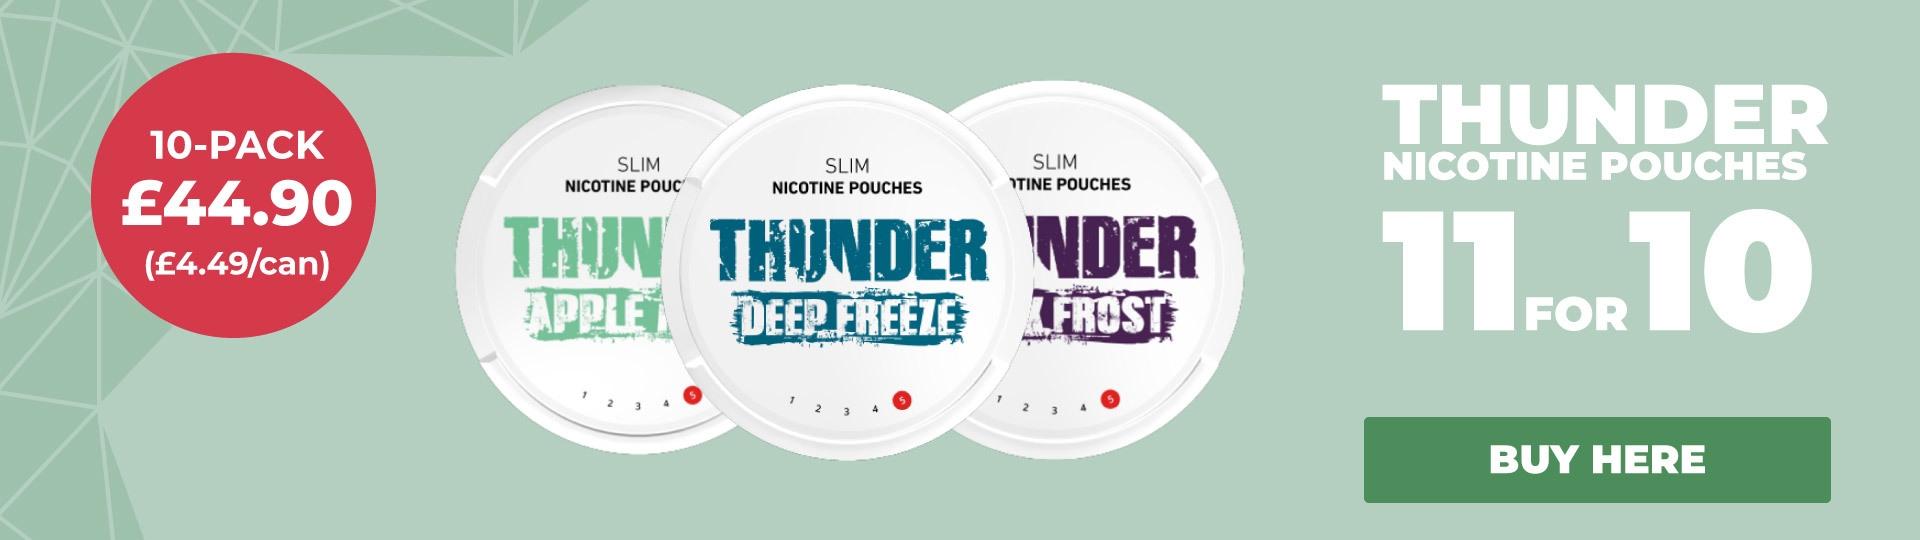 Thunder 11 for 10